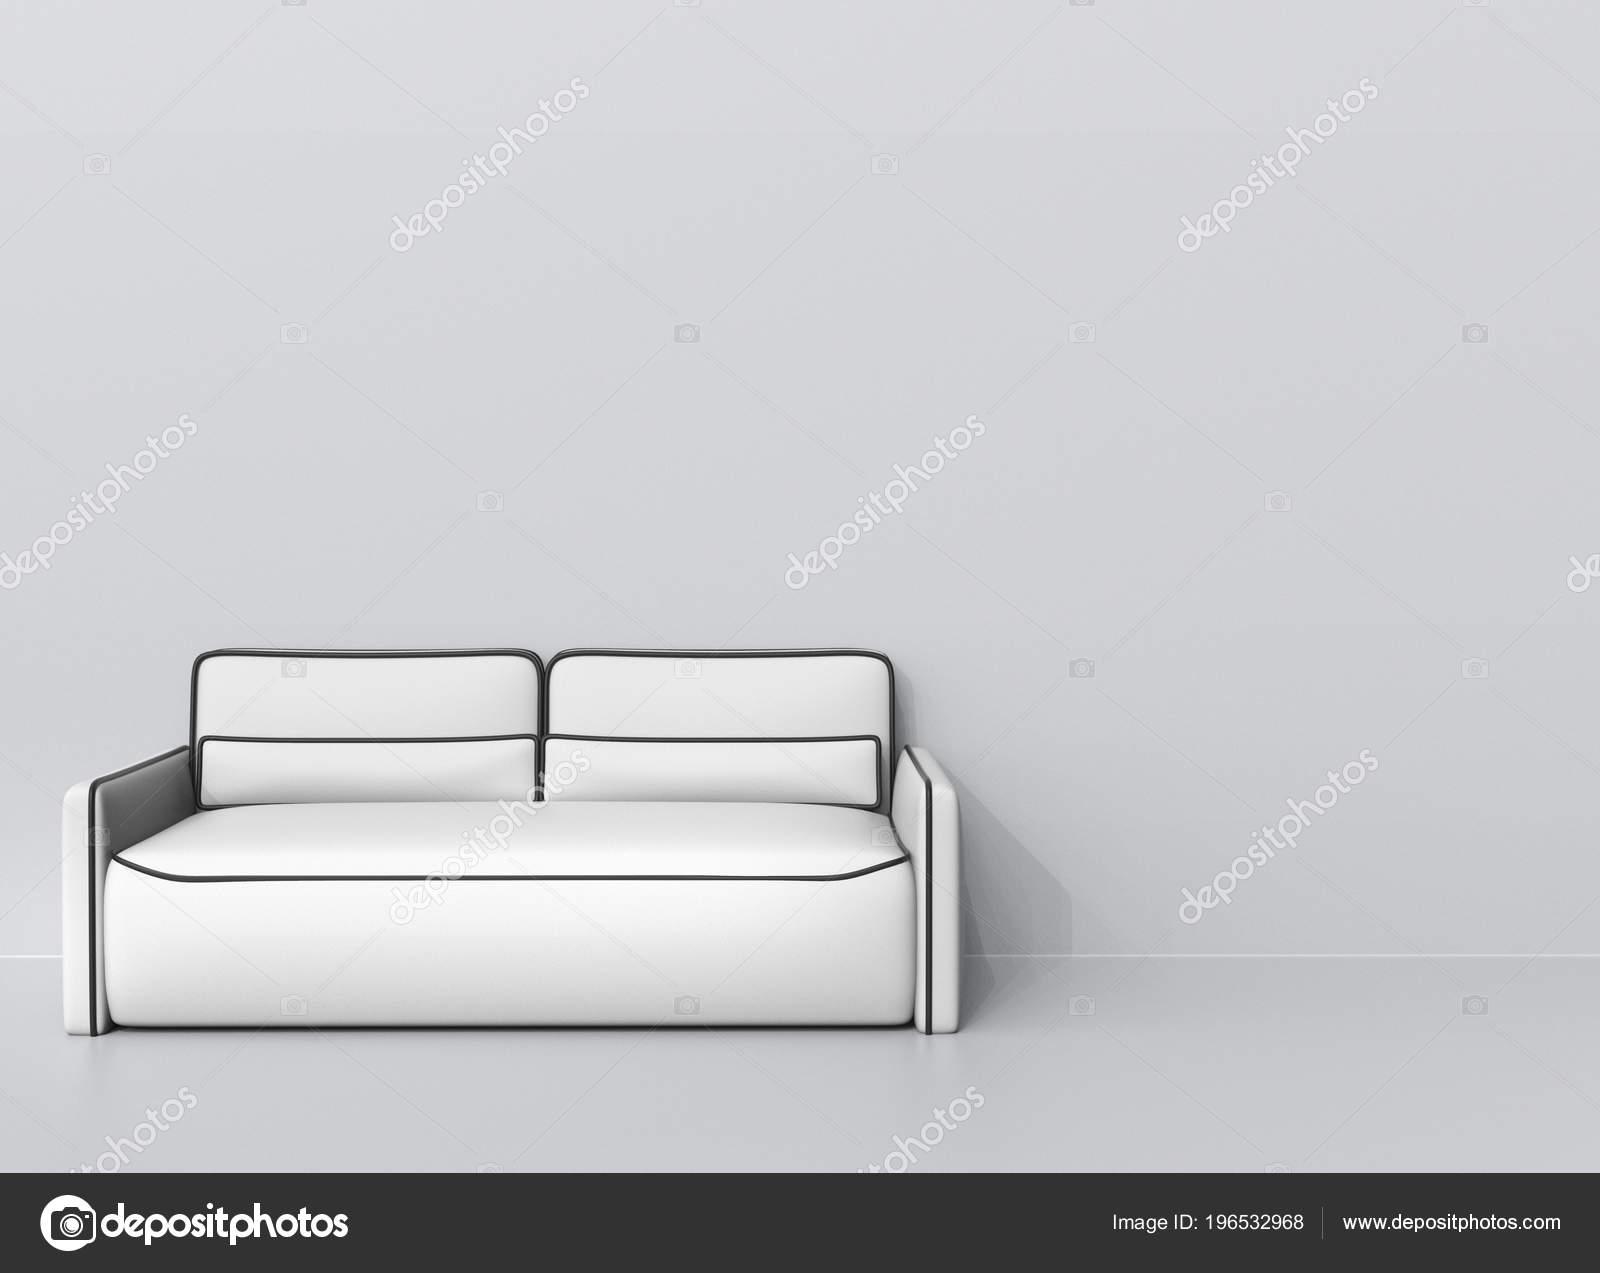 Modern White Leather Sofa Black Outlines Stock Photo C Trimitrius 196532968